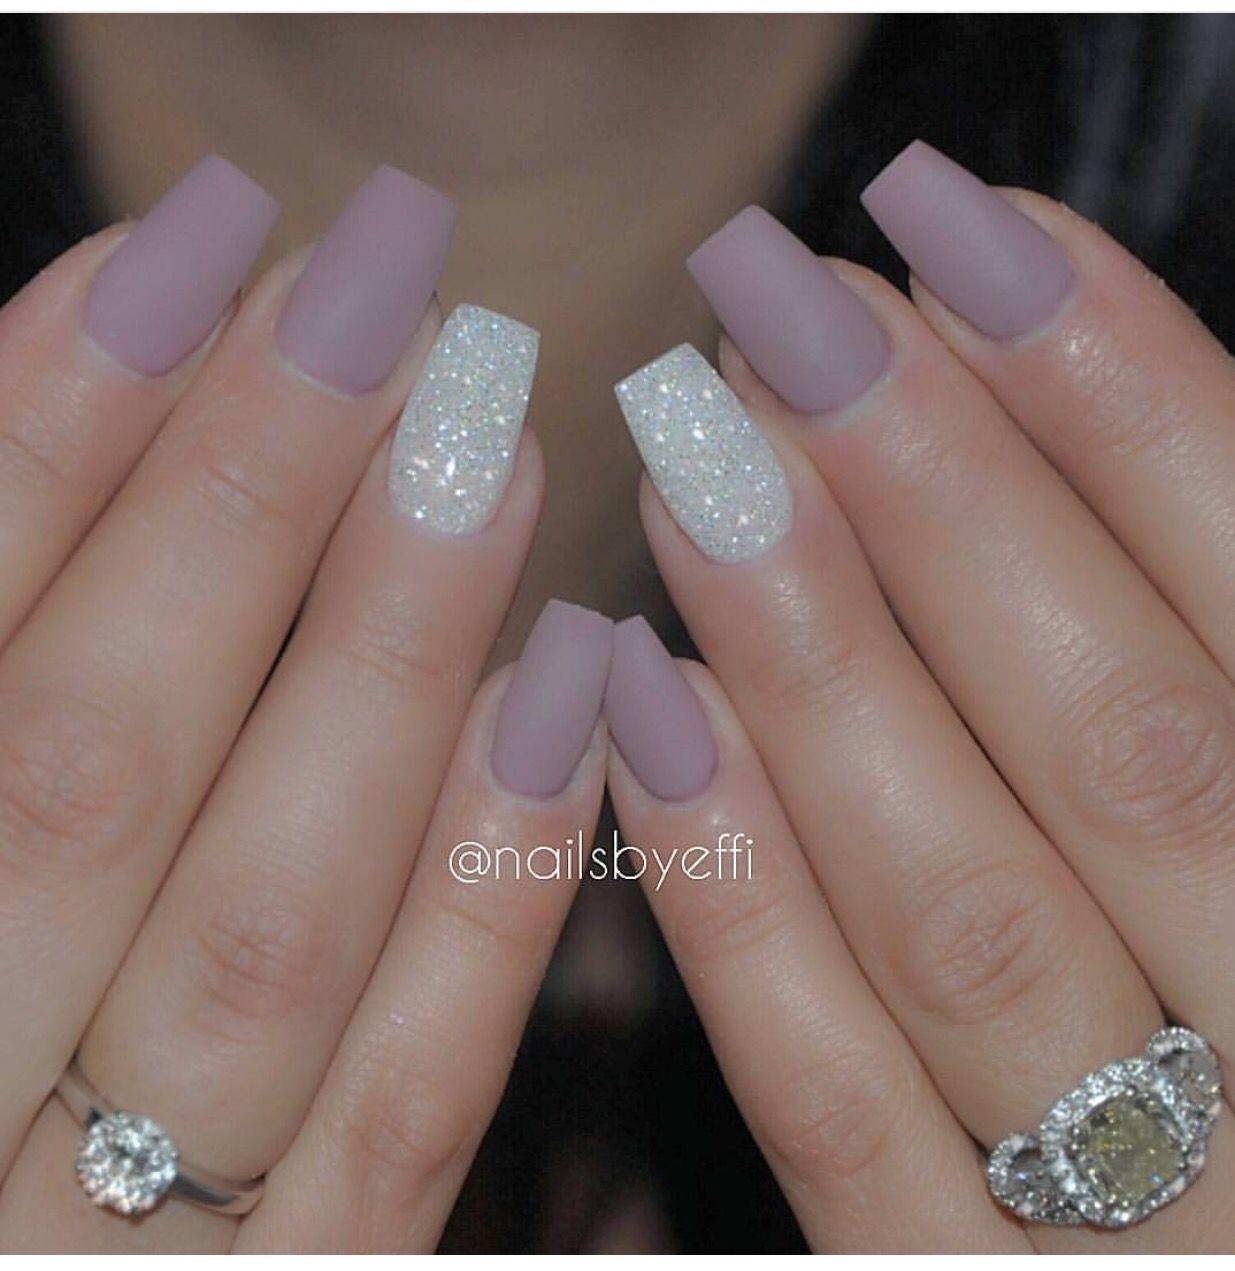 Pin by Jani Combrink on Nails | Pinterest | Make up, Nail nail and ...